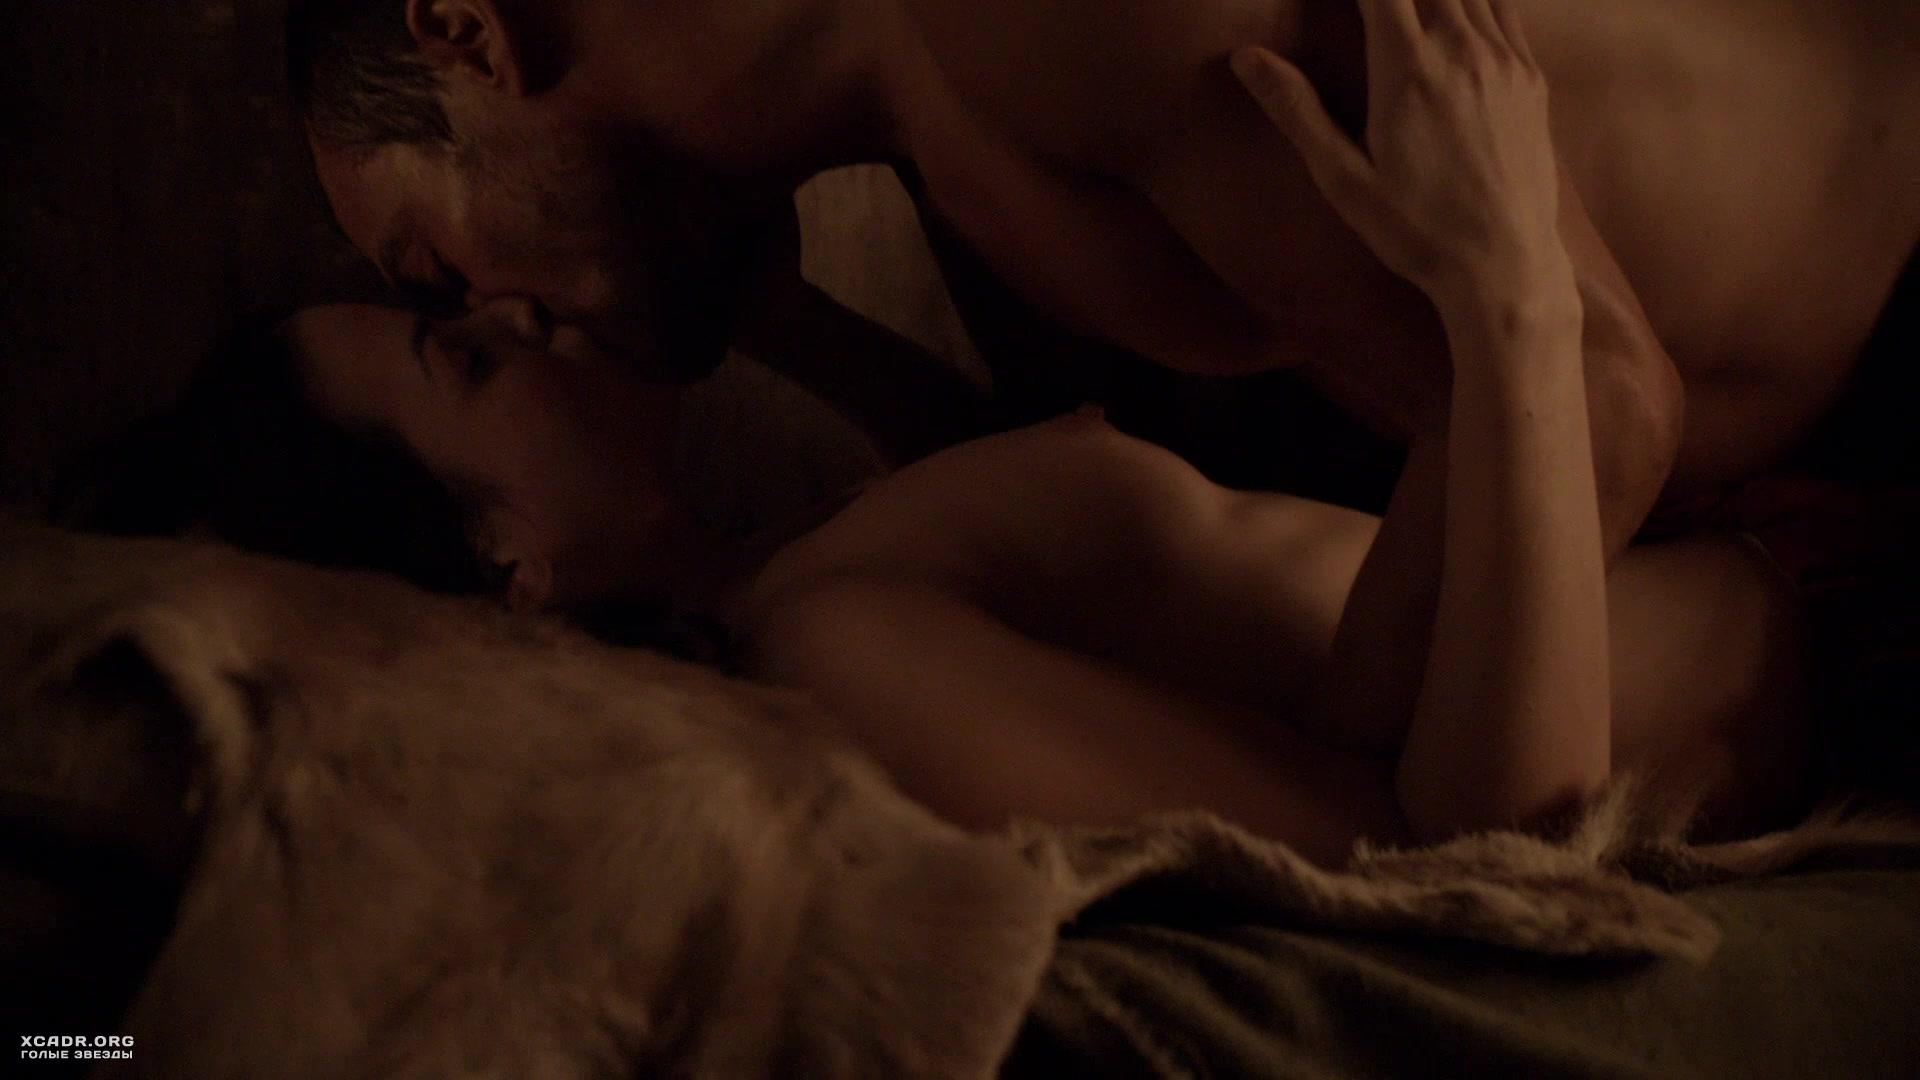 фото эротических сцен видео-порнуха тему